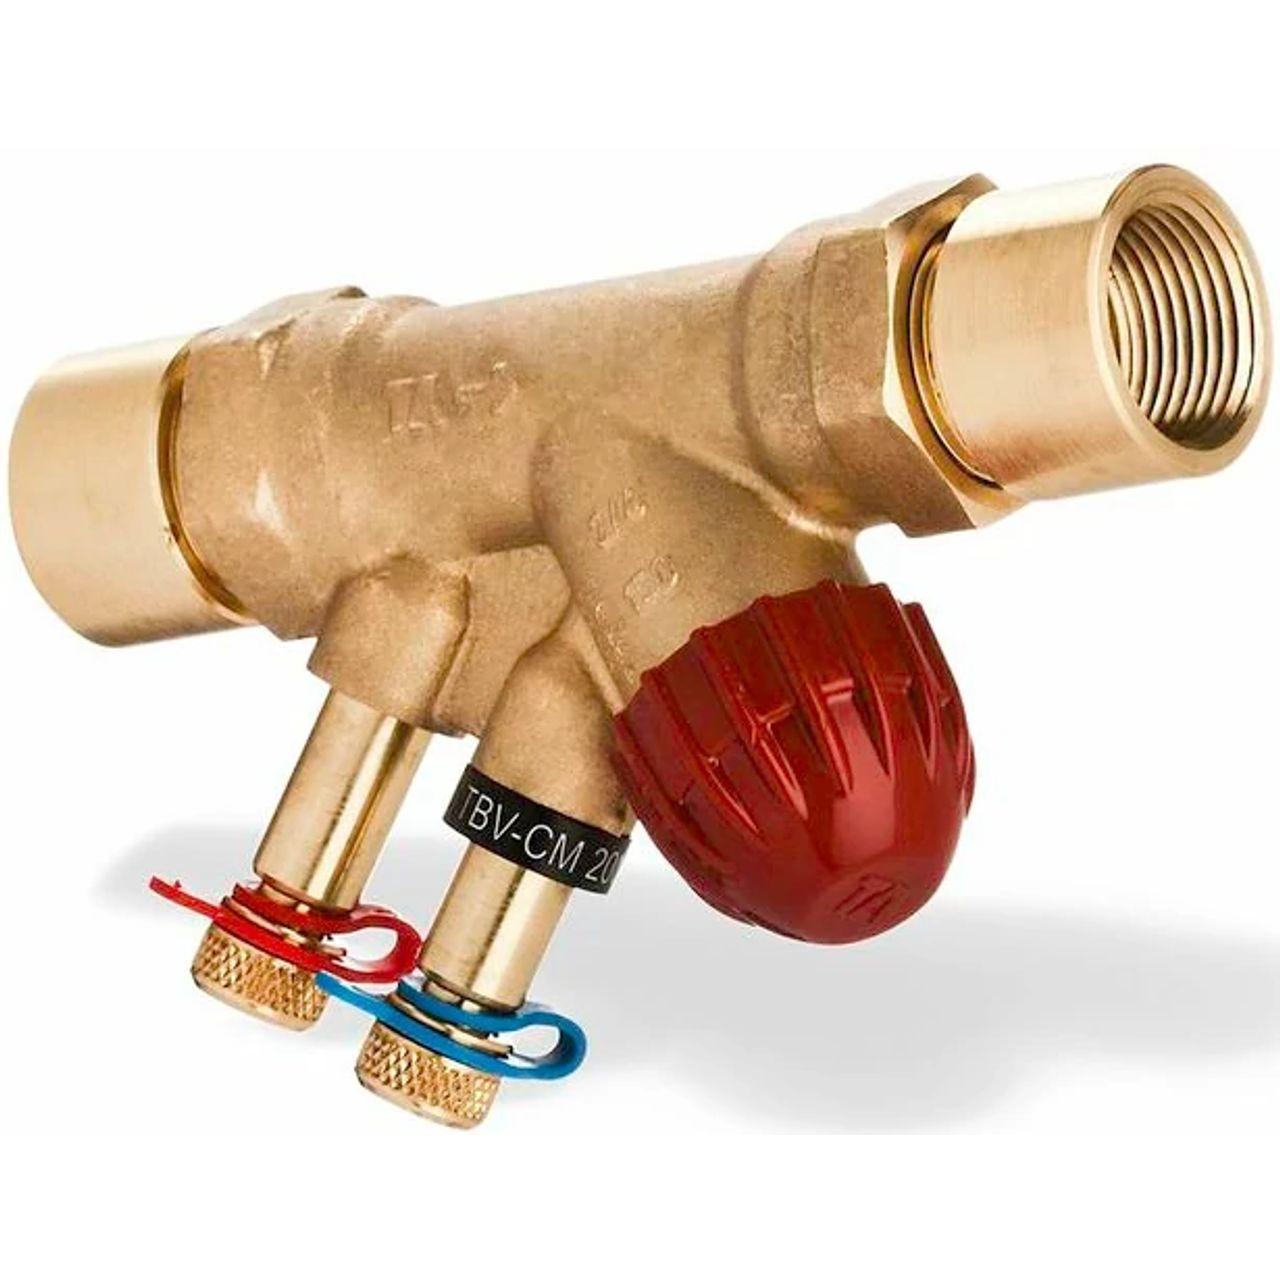 Vanne terminale de contrôle et d'équilibrage pour le contrôleur ouvert/fermé et variable